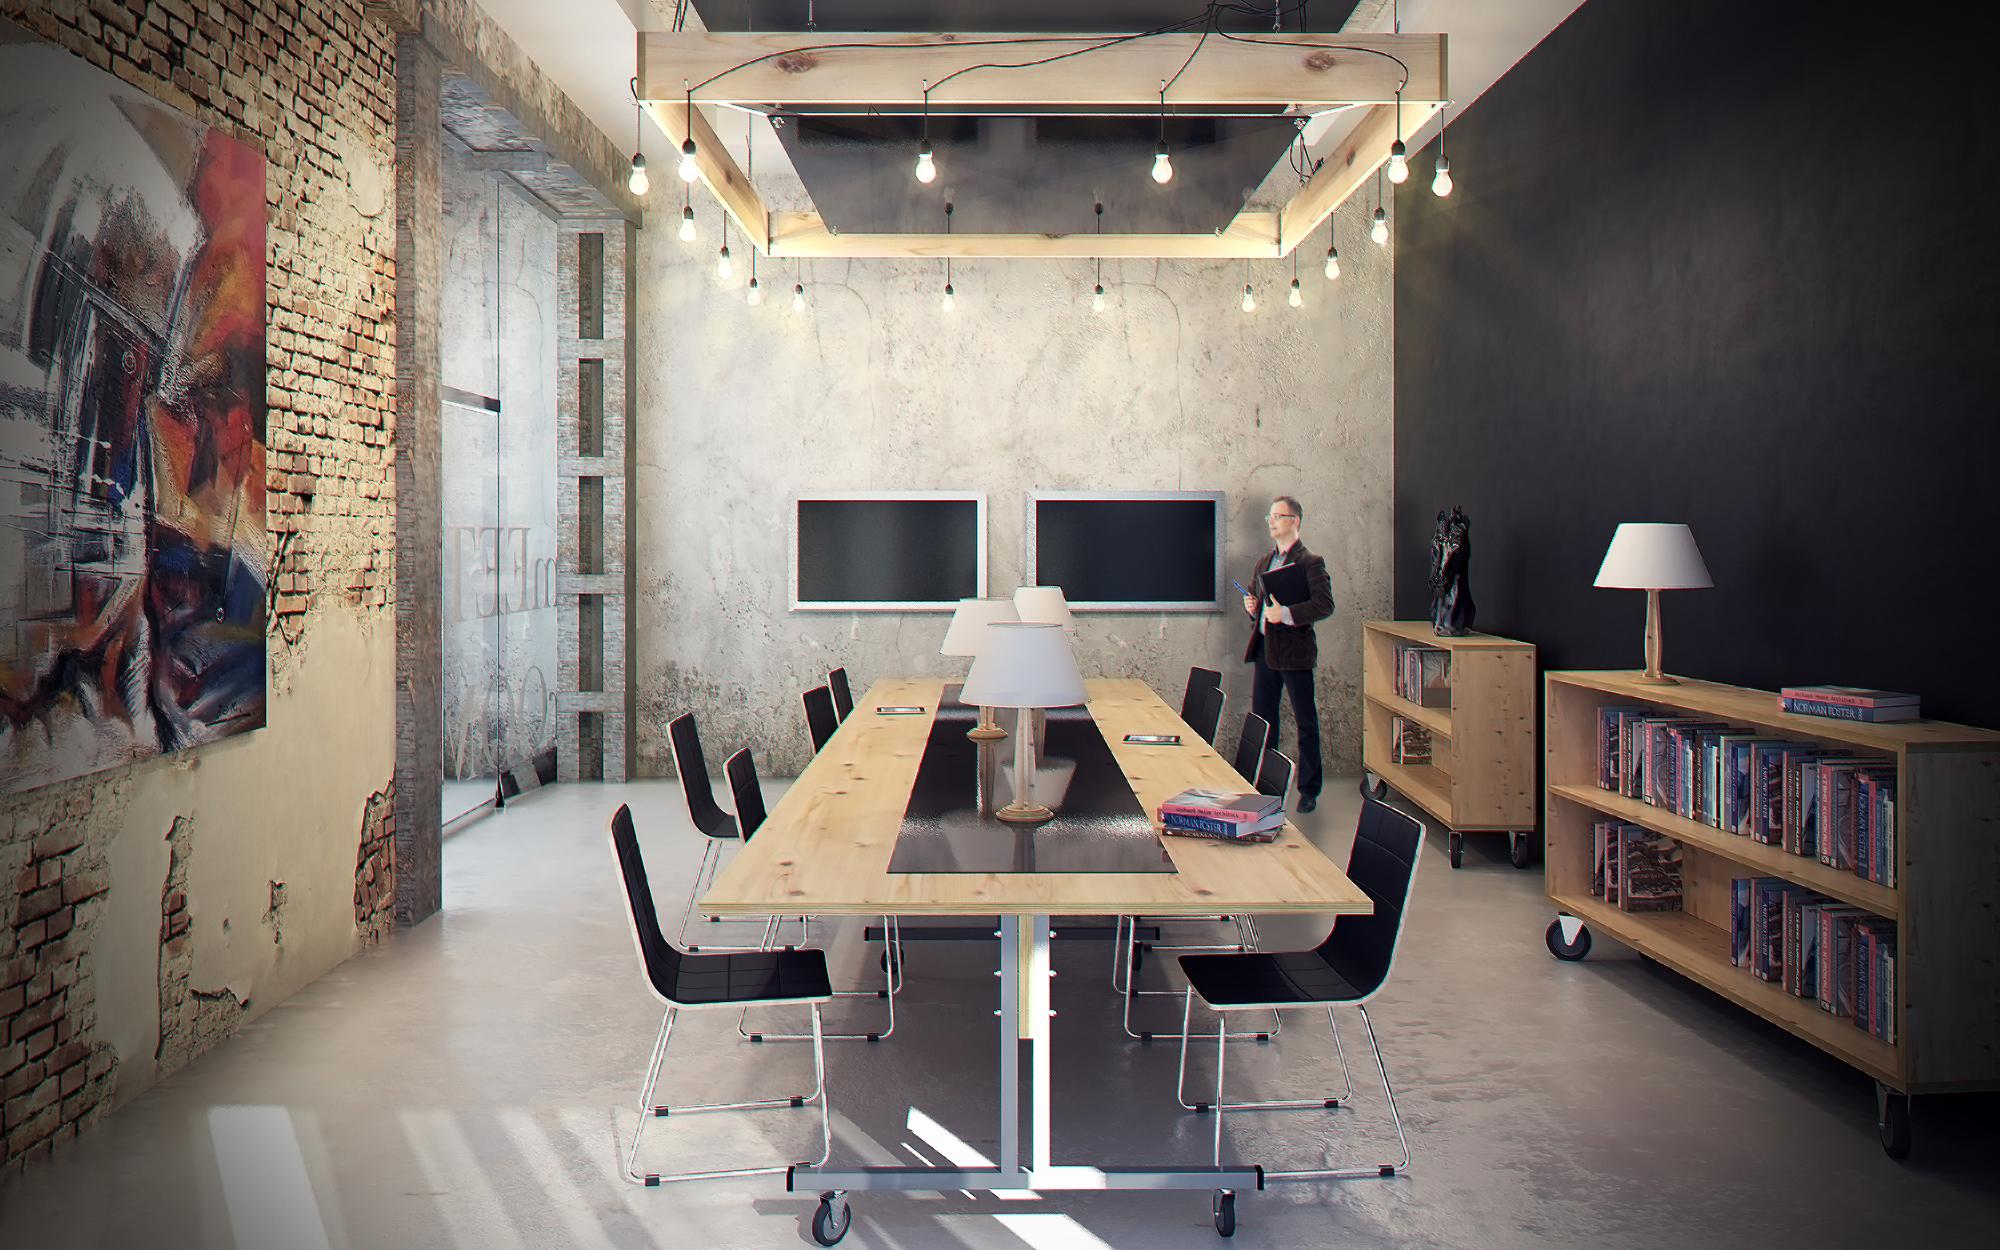 офисная мебель в стиле лофт By Zest